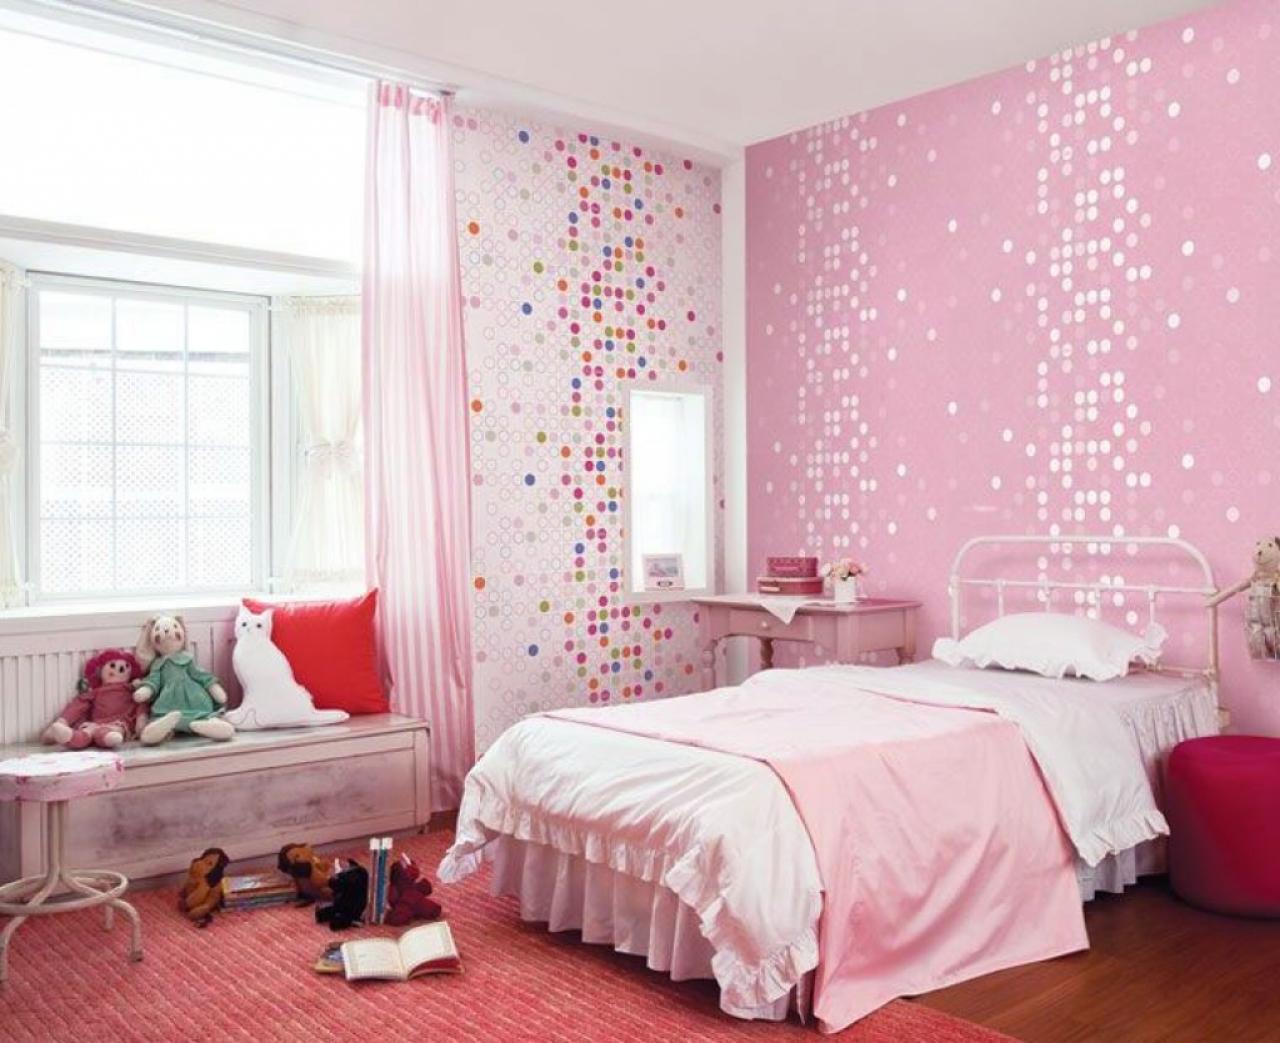 Cool Wallpapers for Girls Rooms WallpaperSafari